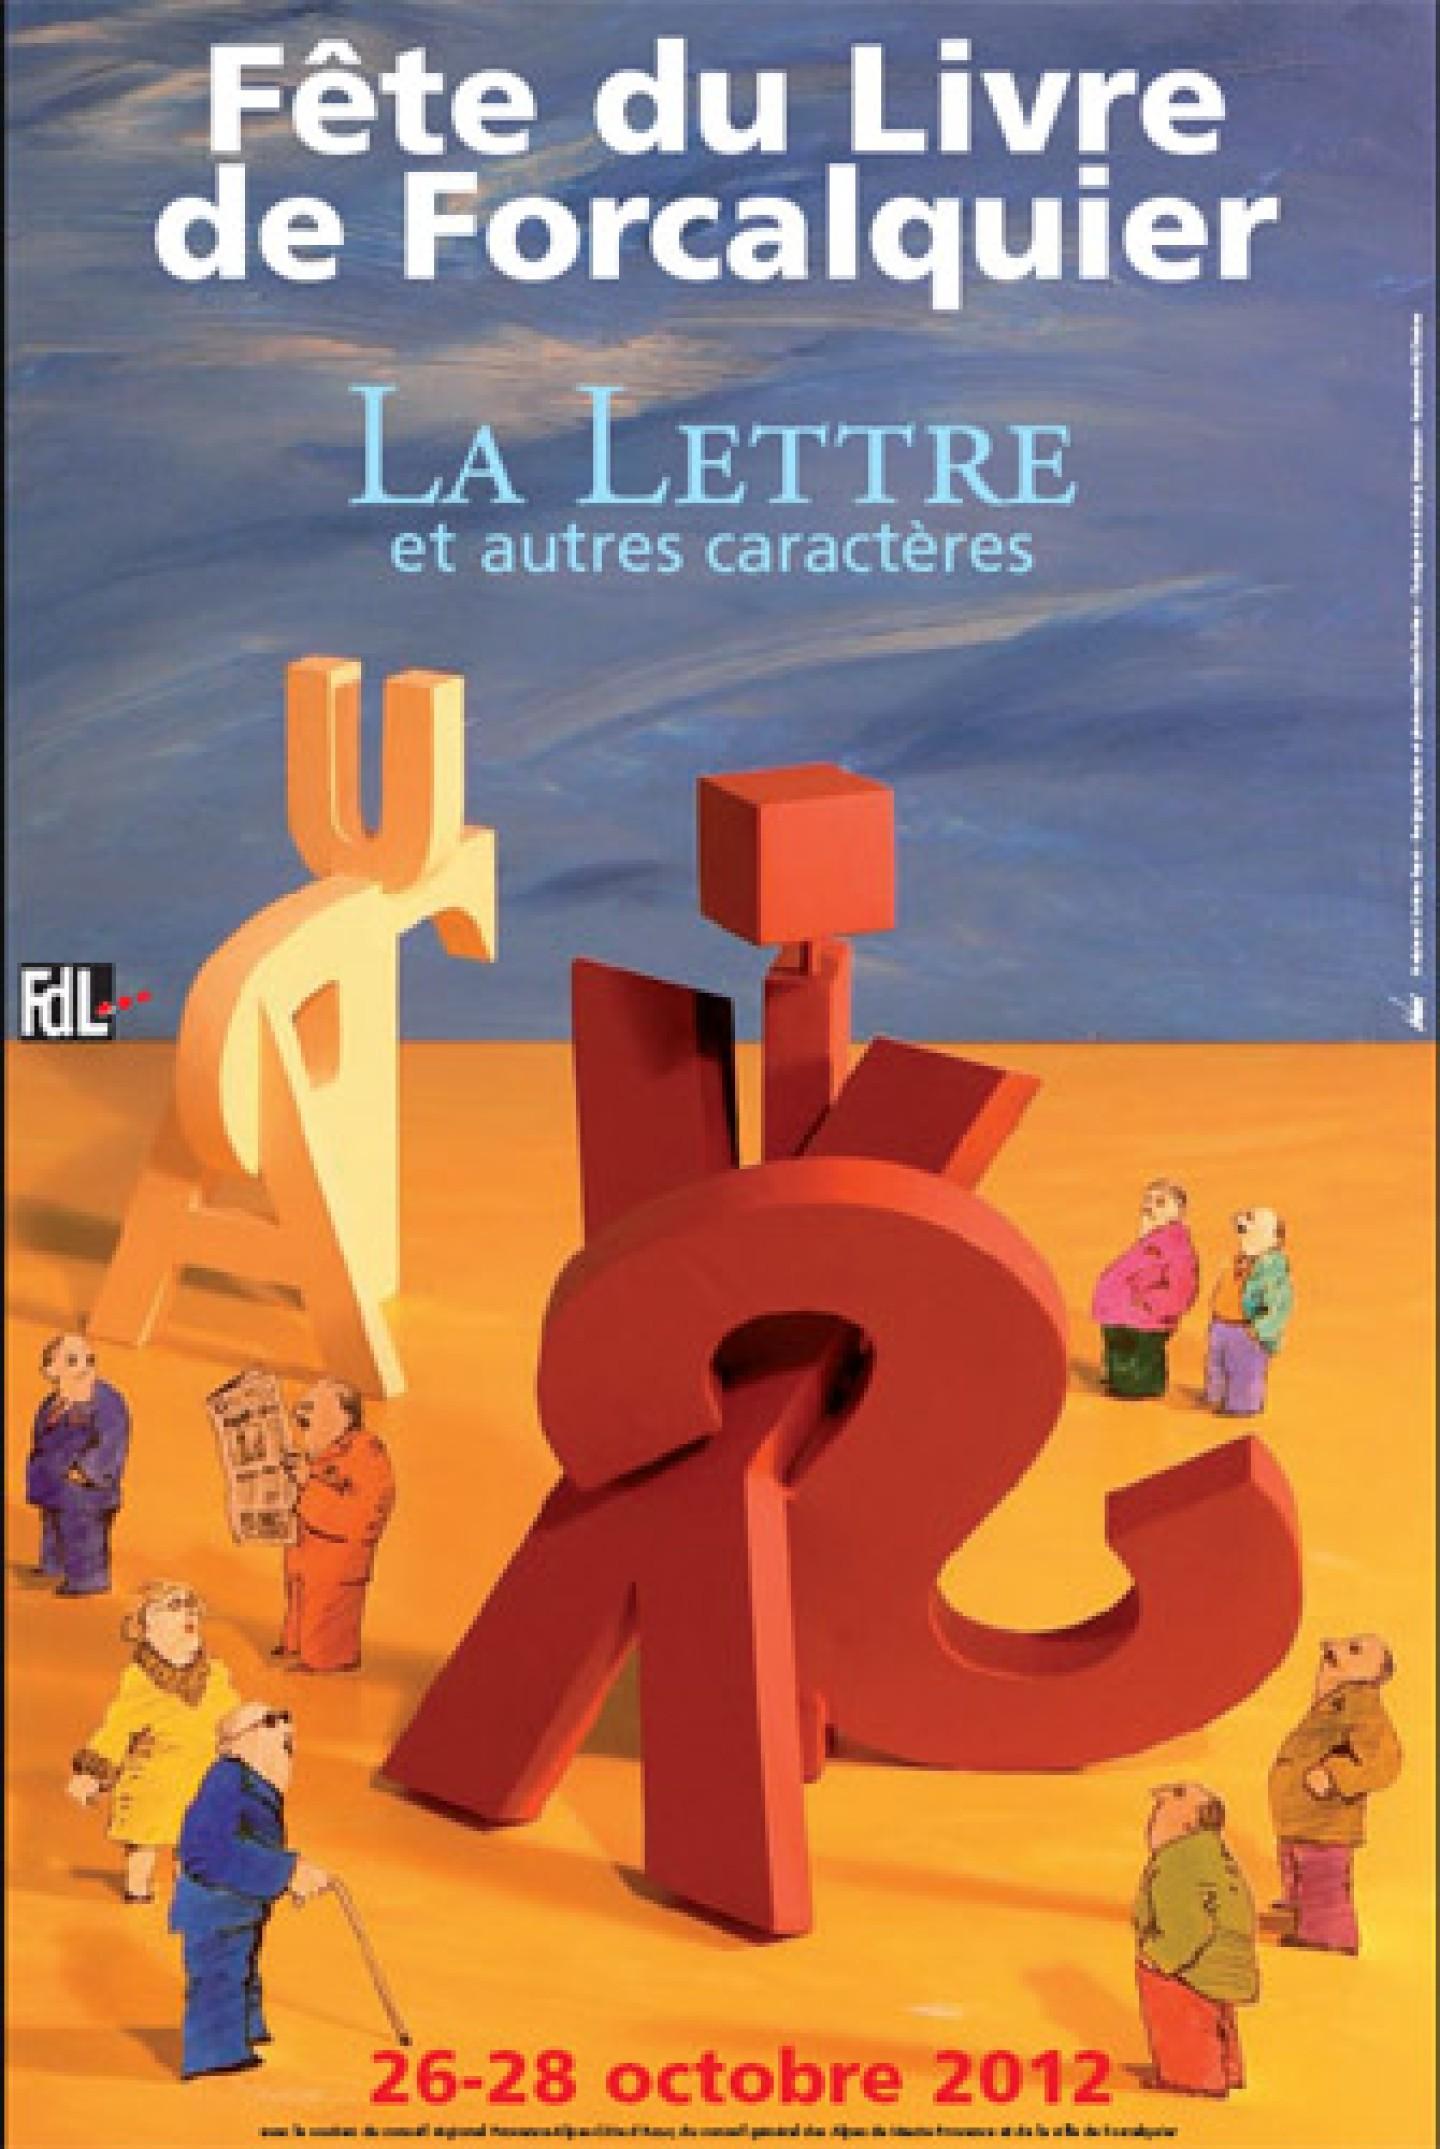 Fête du livre 2012 à Forcalquier